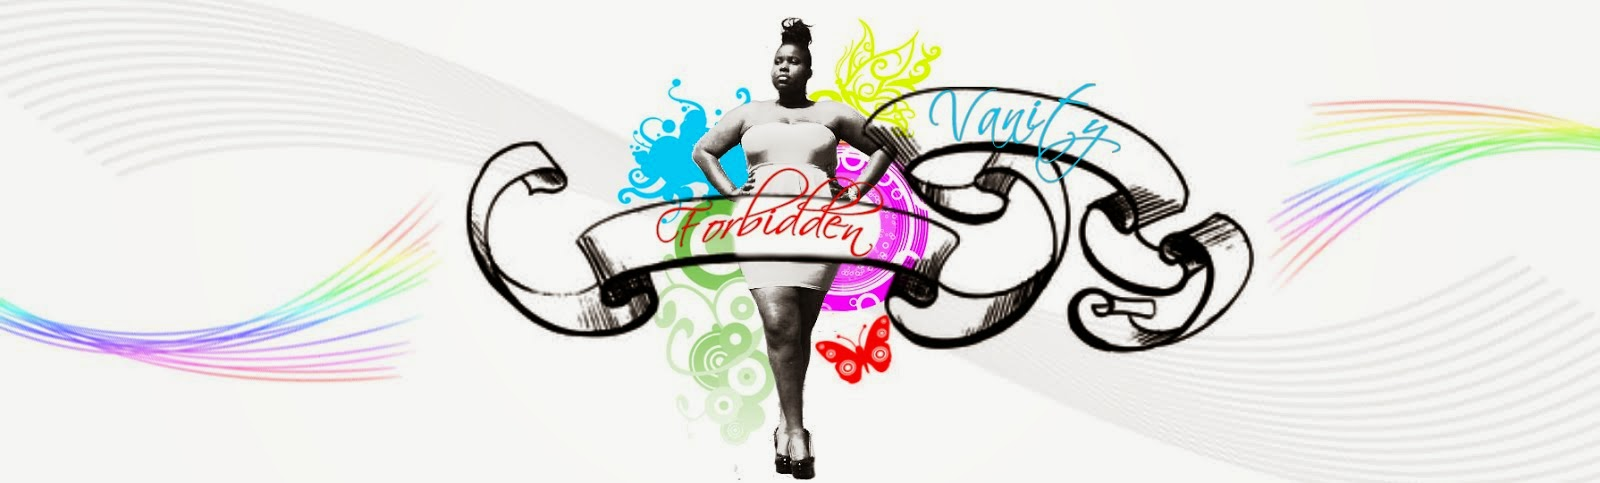 Forbidden Vanity